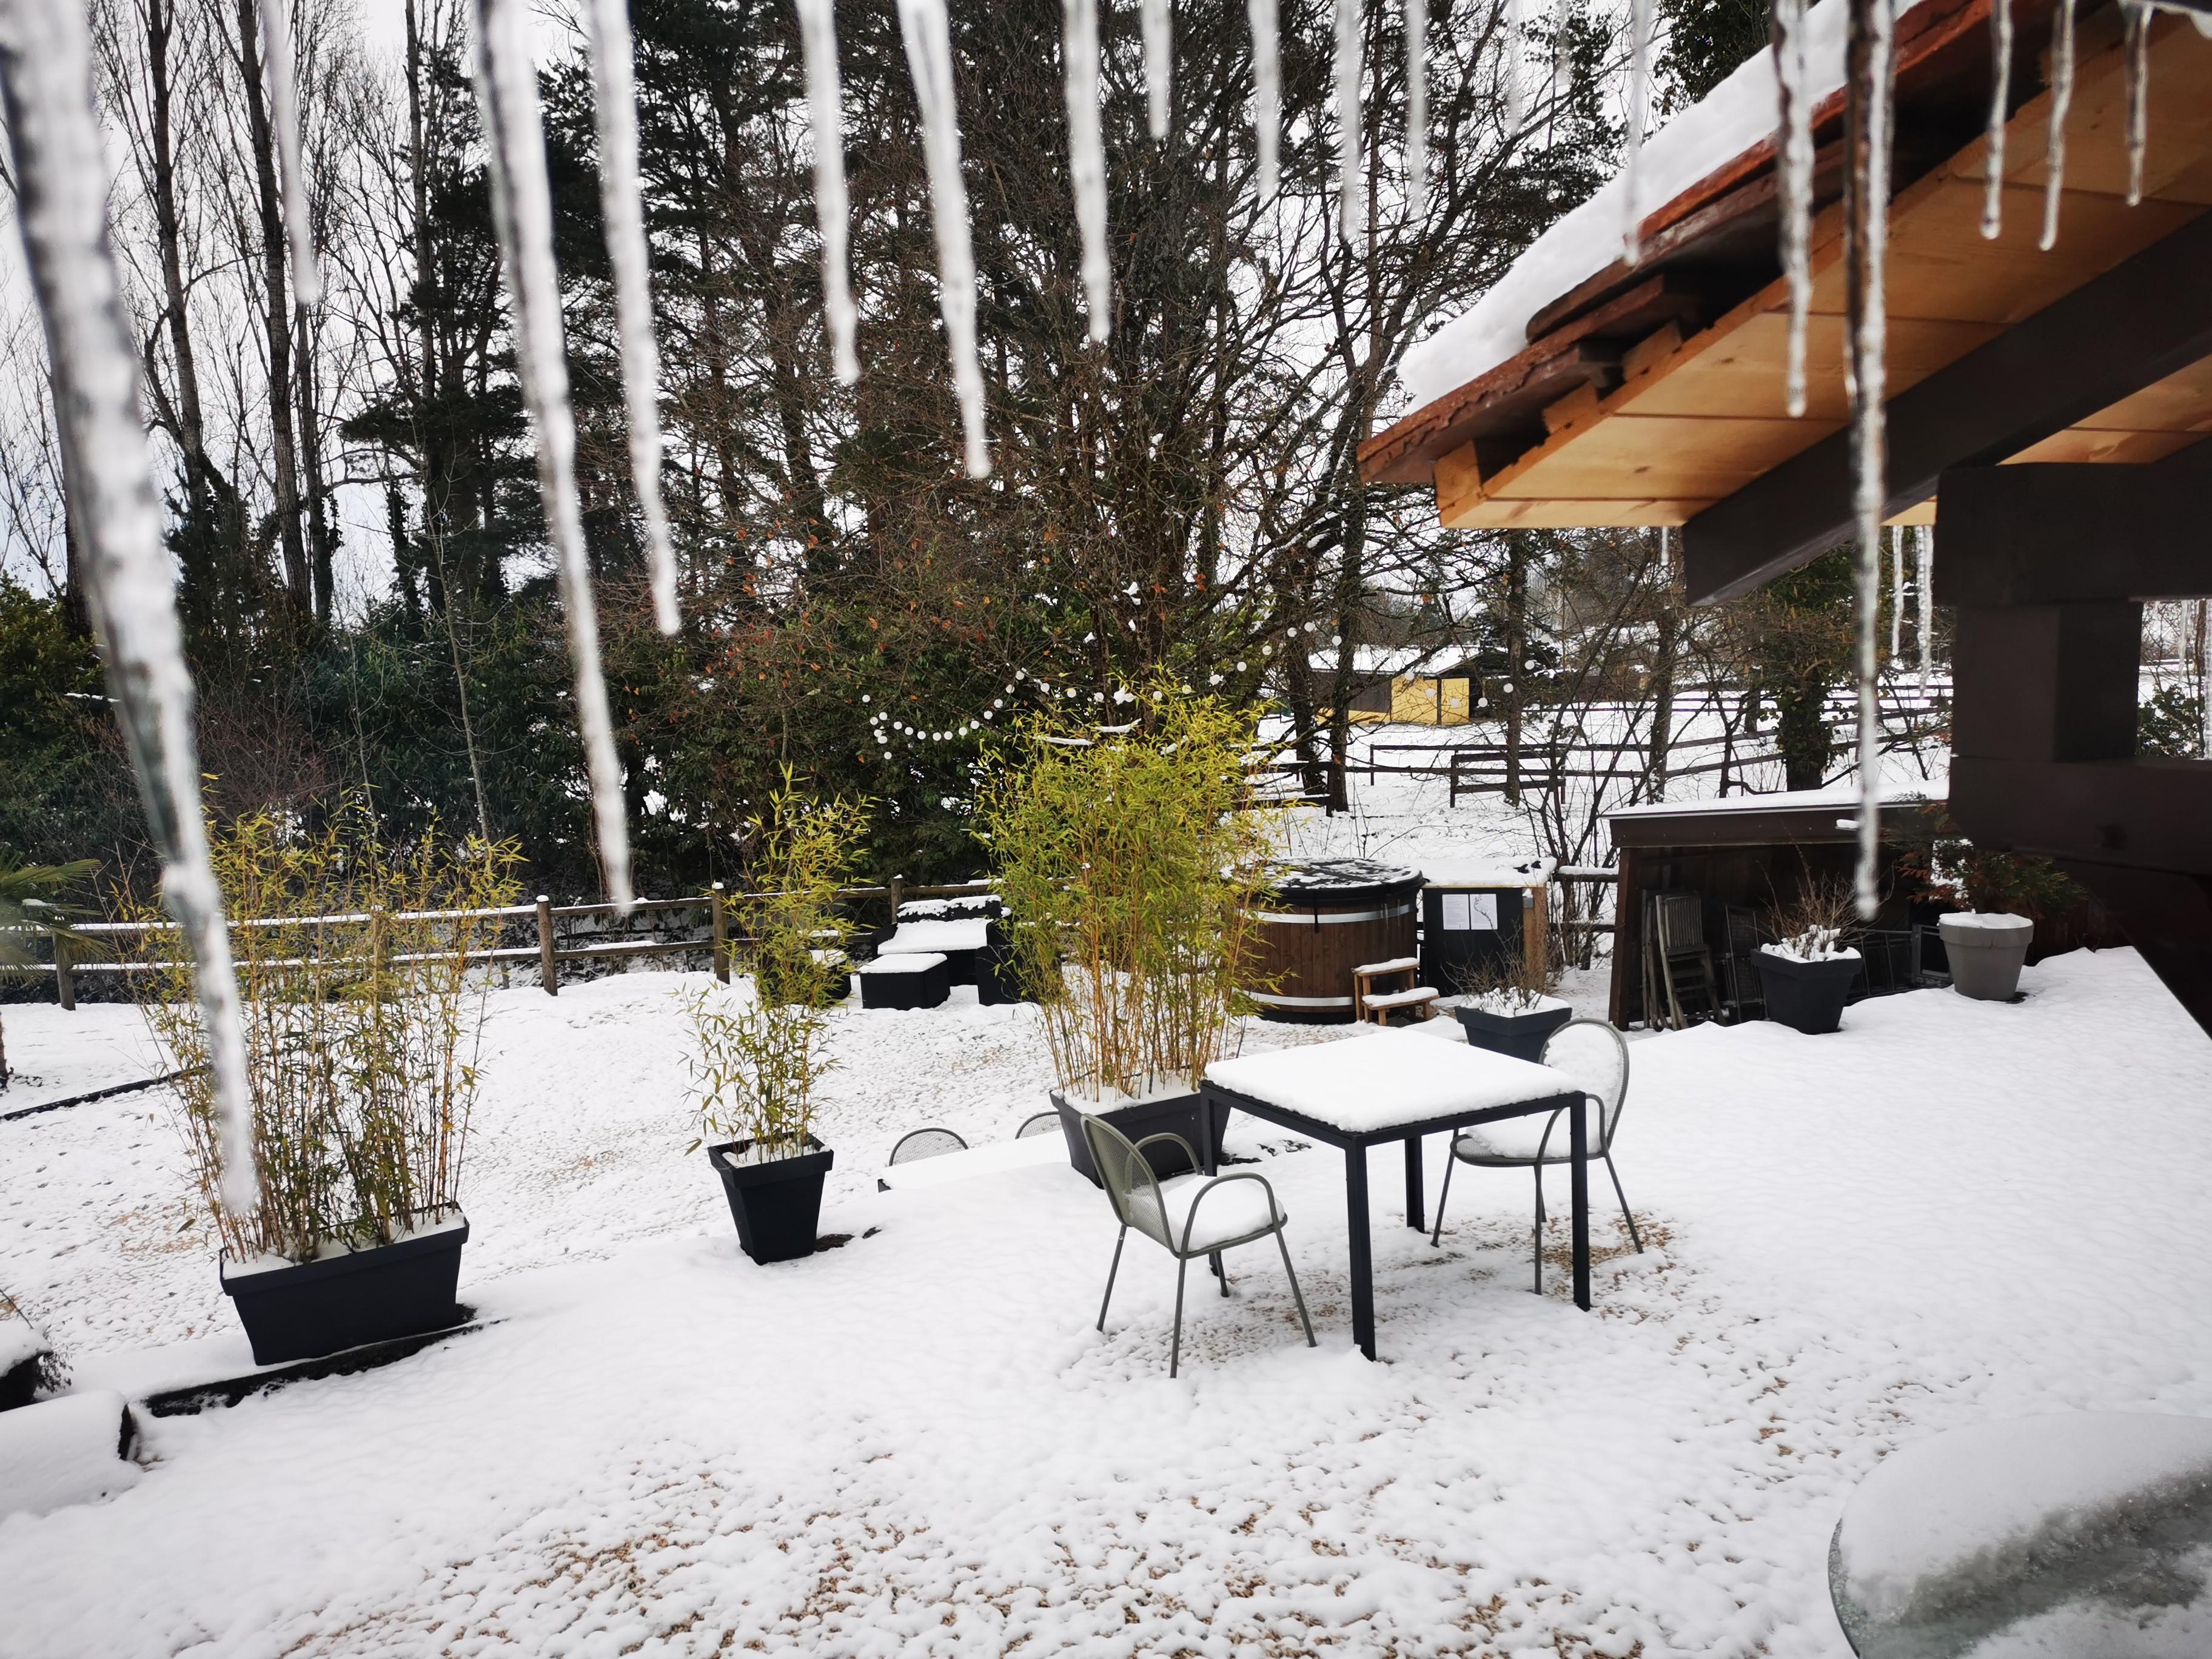 L'étang de la Tourne - Salle du petit-déjeuner en hiver